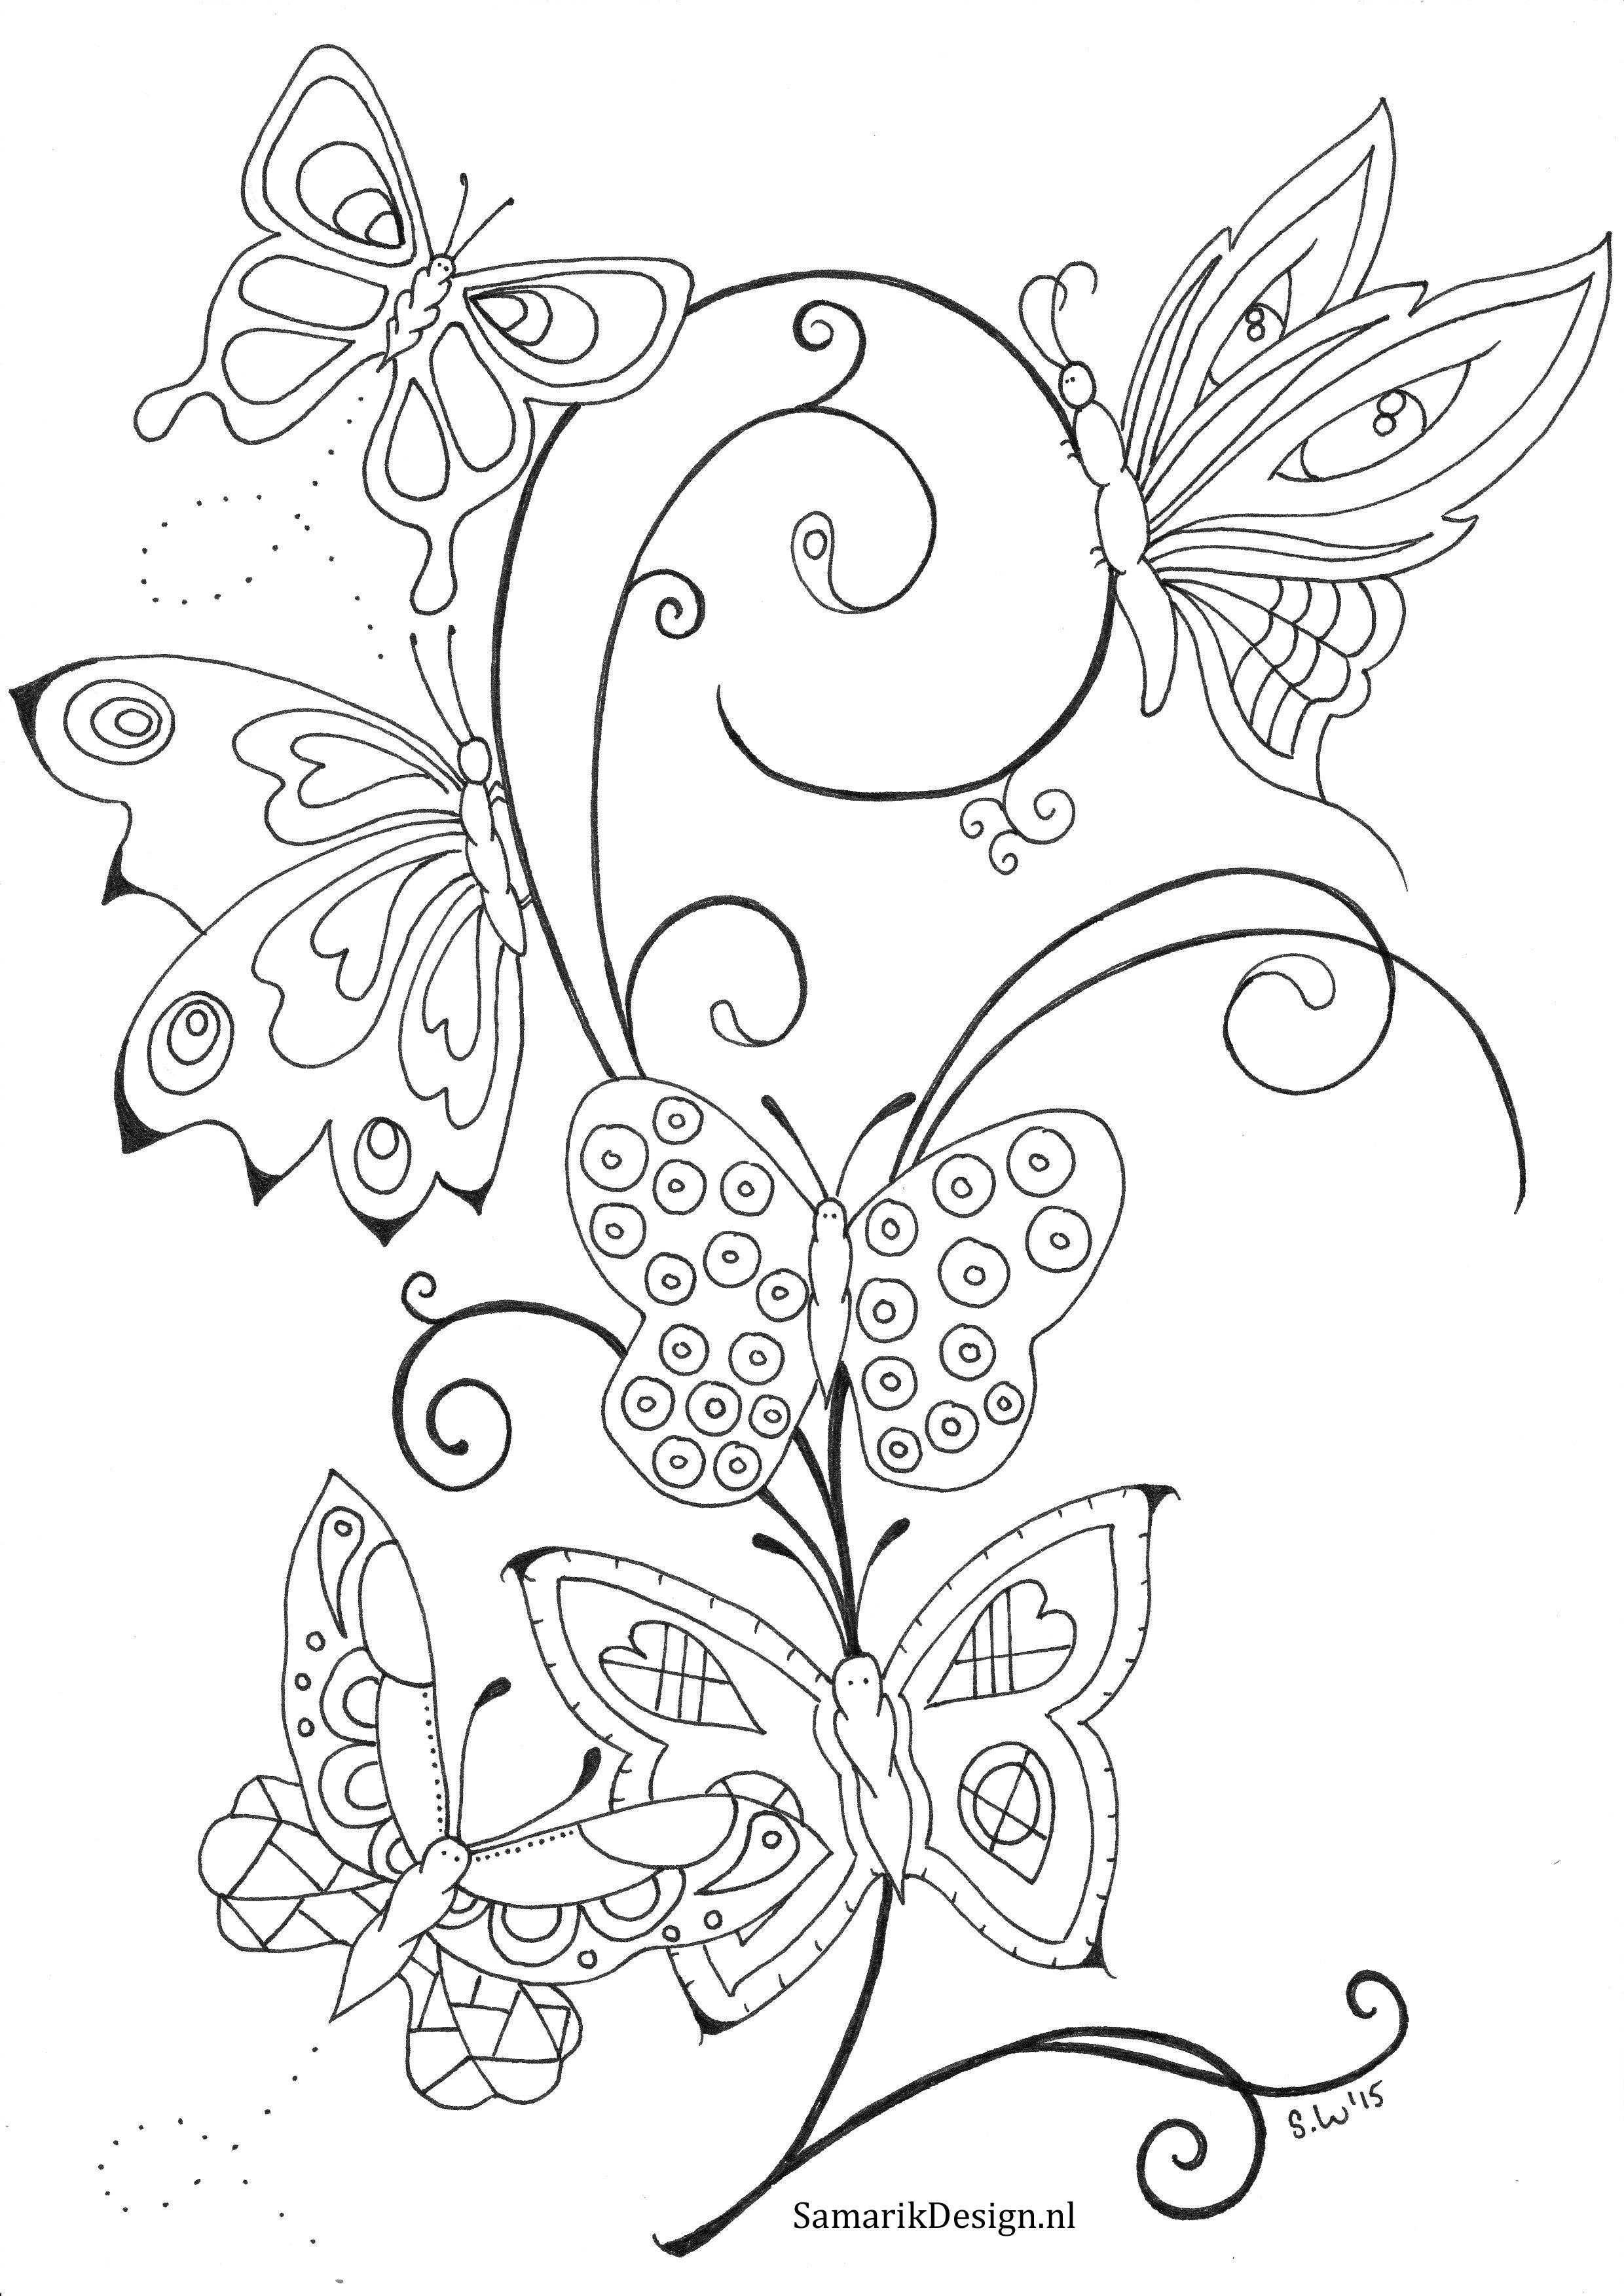 Kleurplaten Vlinders Voor Volwassenen.Kleurplaat Voor Volwassenen Butterflies Knutselclub Pinterest